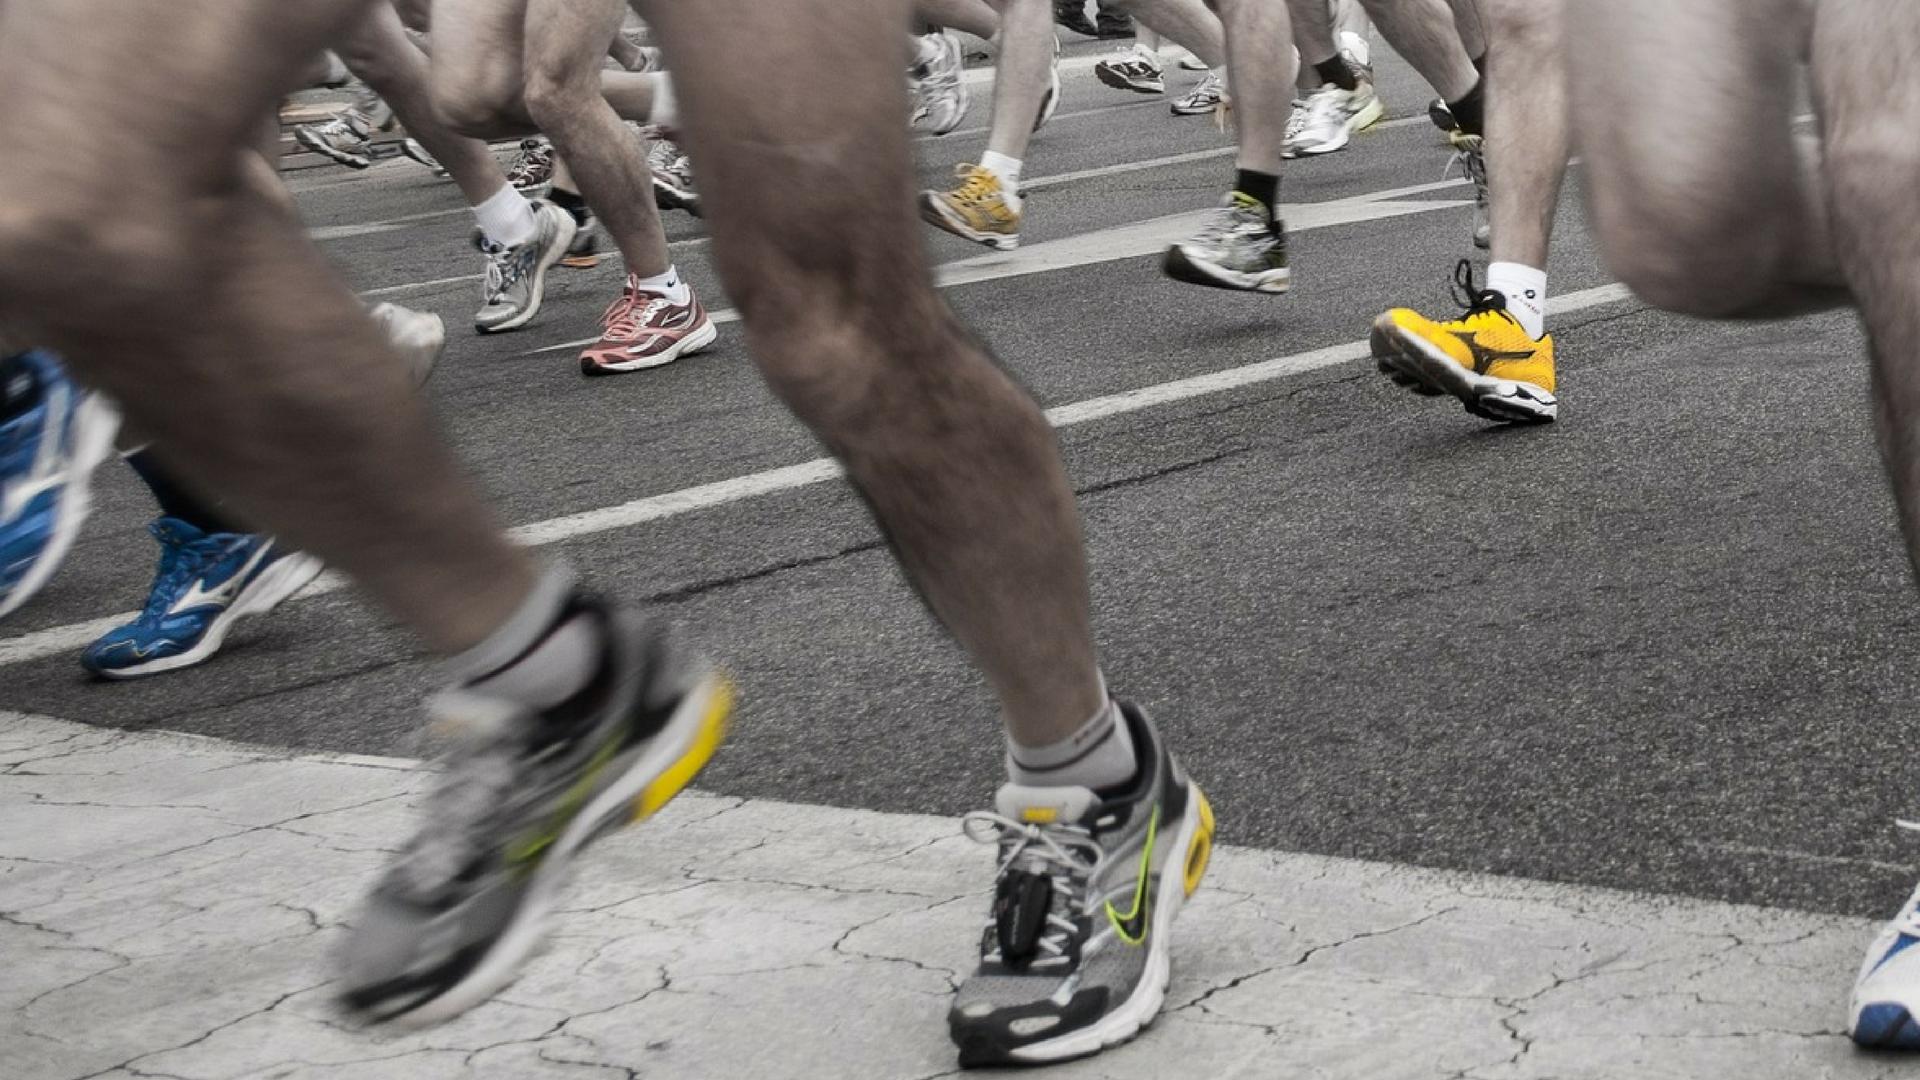 Kurze Sprints statt Marathon: Mit dem richtigen Arbeitsrhythmus zu mehr Performance und Gelassenheit